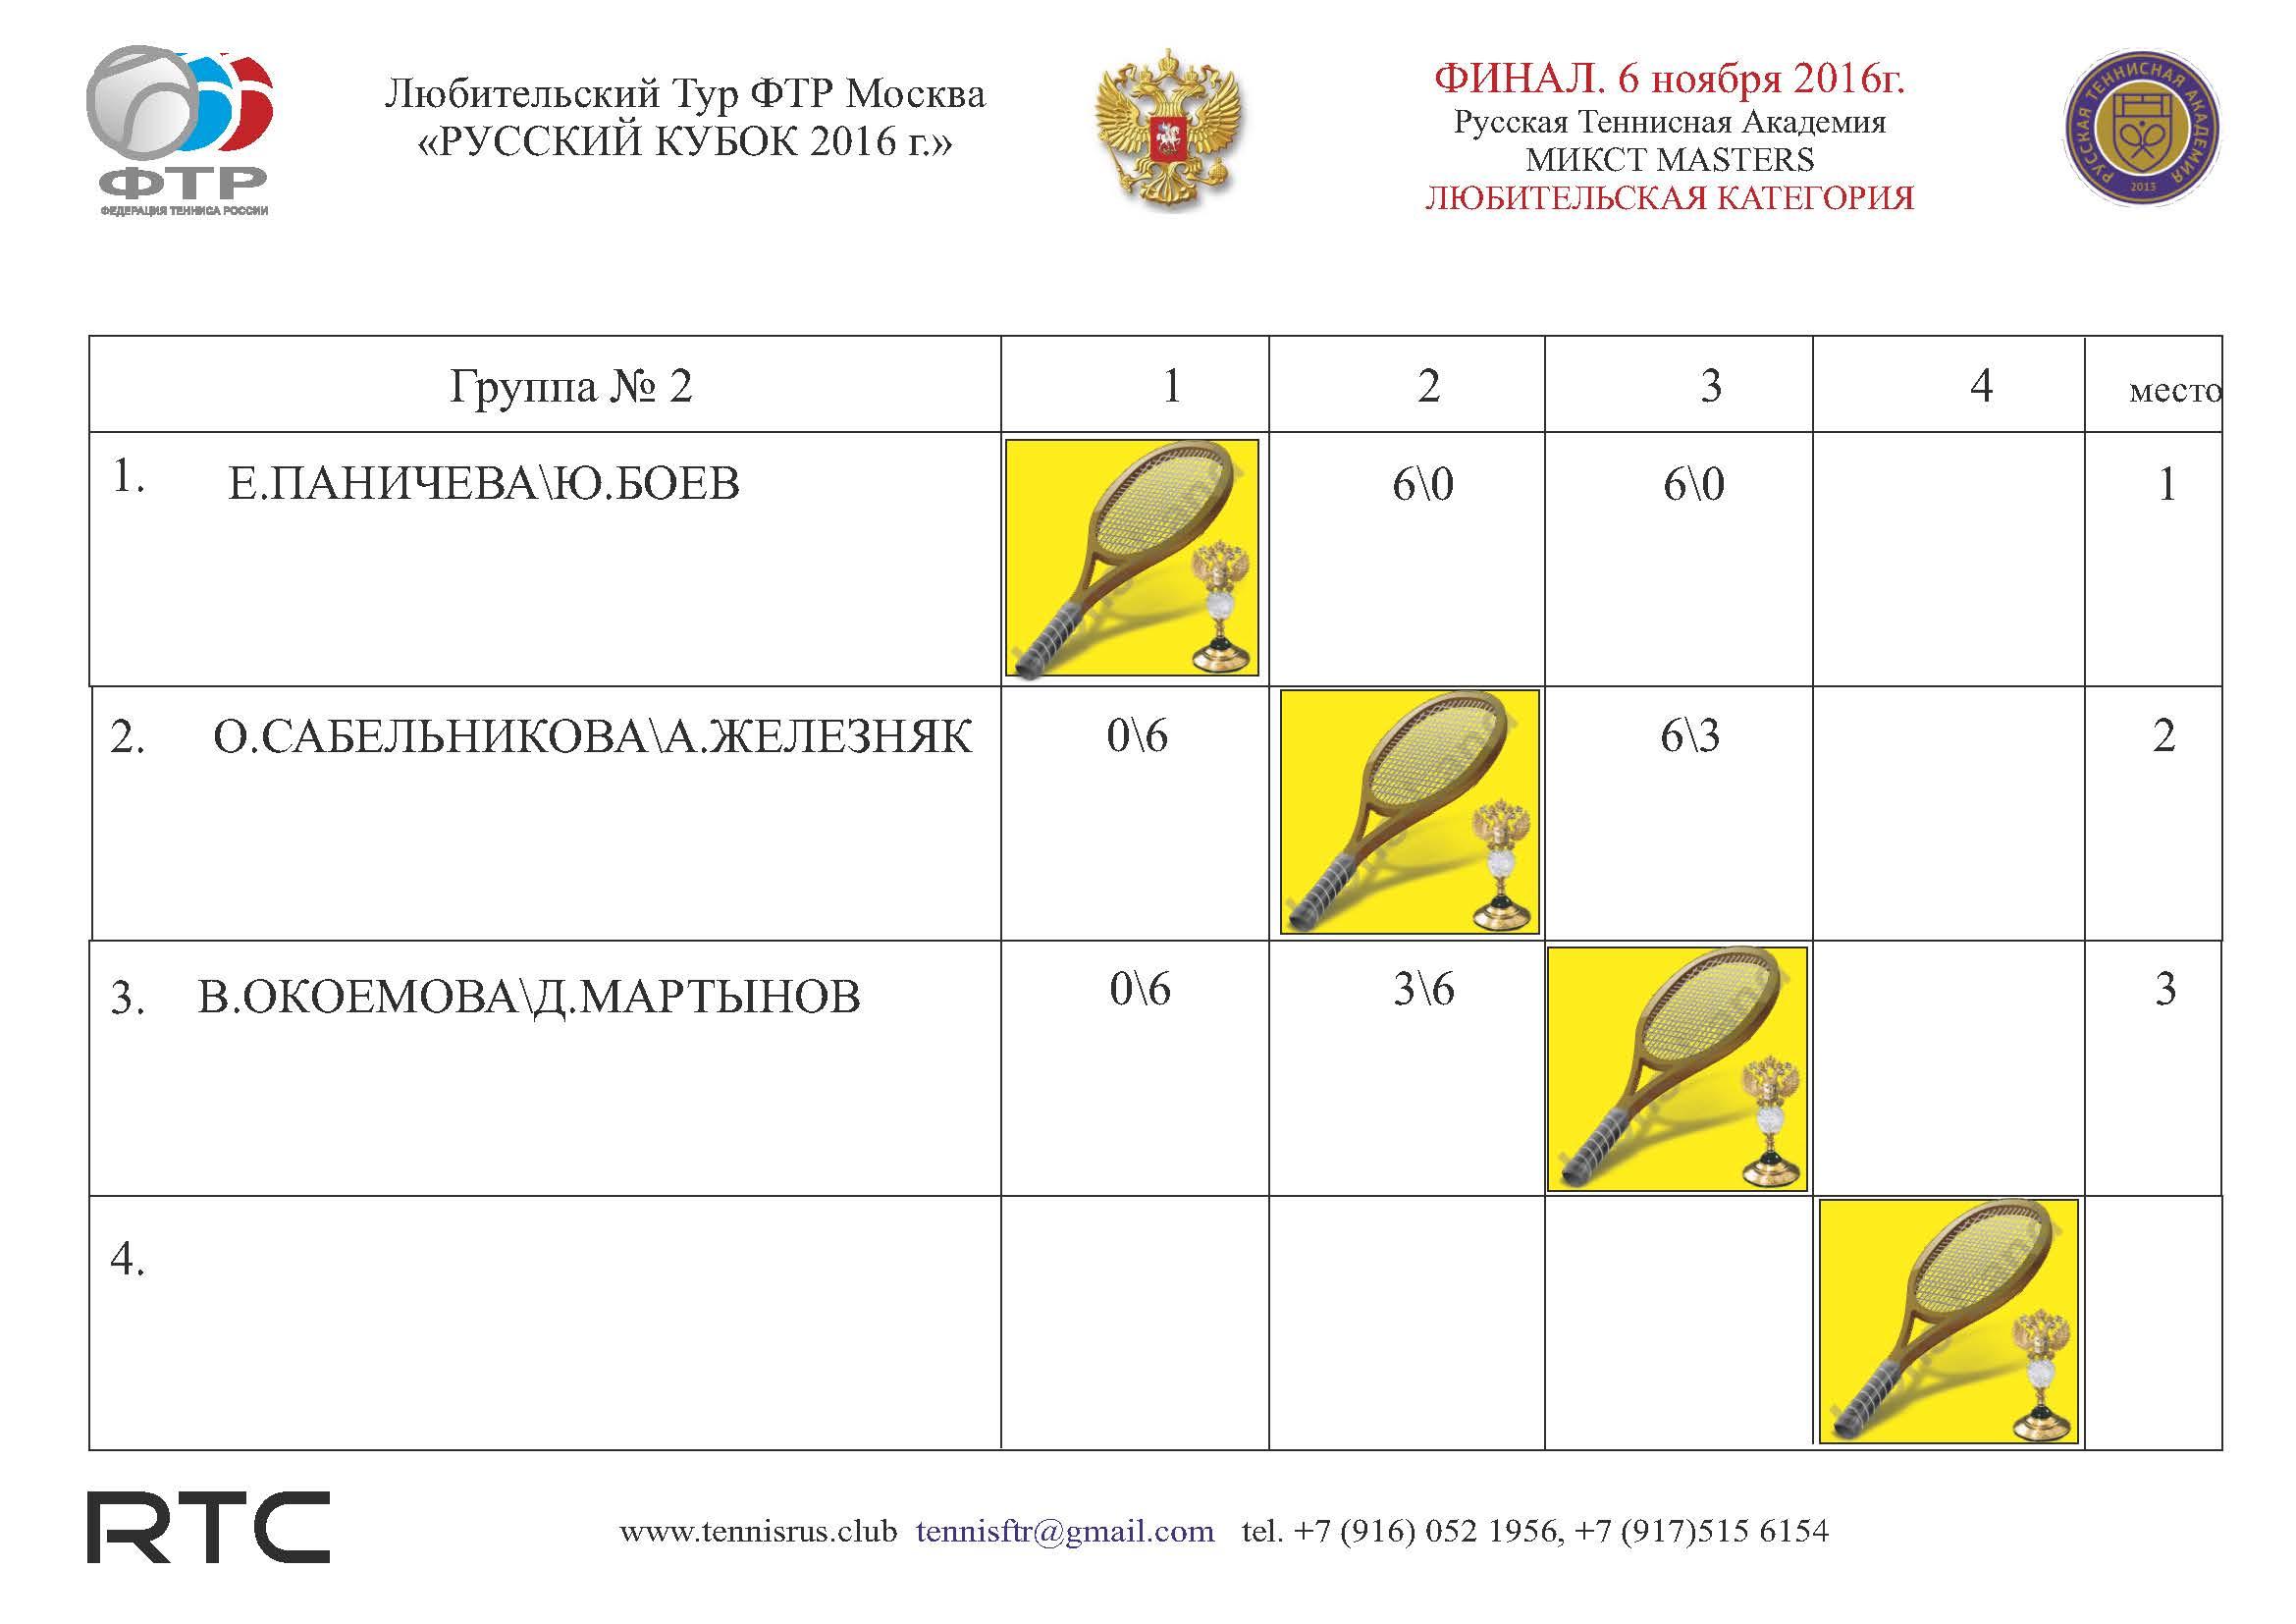 Таблица микст 4 Любительская категория ГР 2